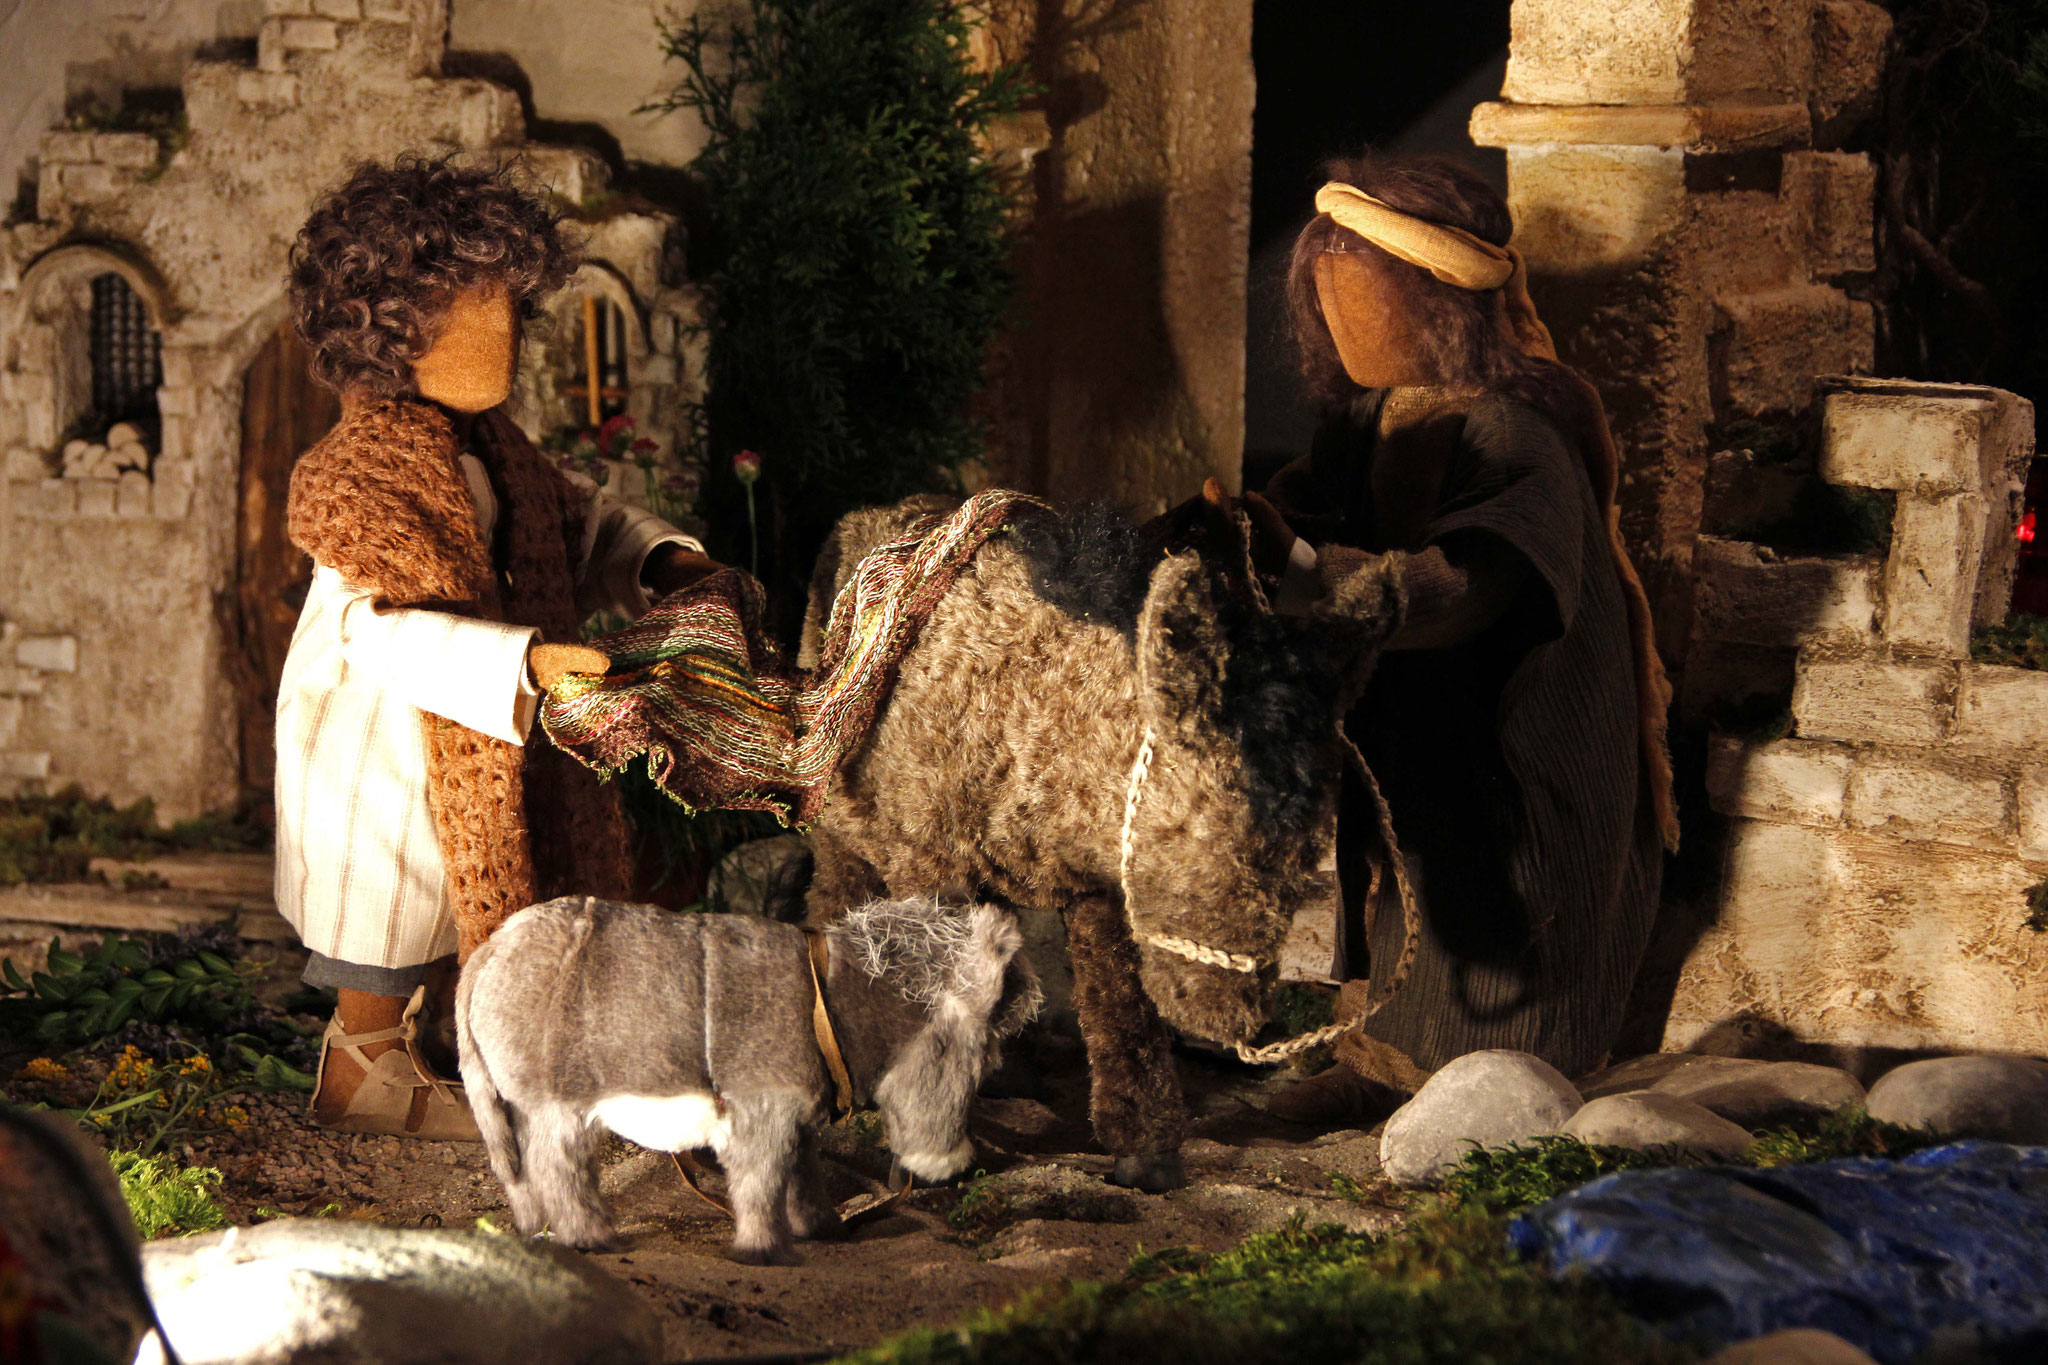 Die Jünger gingen und taten, was Jesus ihnen aufgetragen hatte. Sie brachten die Eselin und das Fohlen, legten ihre Kleider auf sie, und er setzte sich darauf.